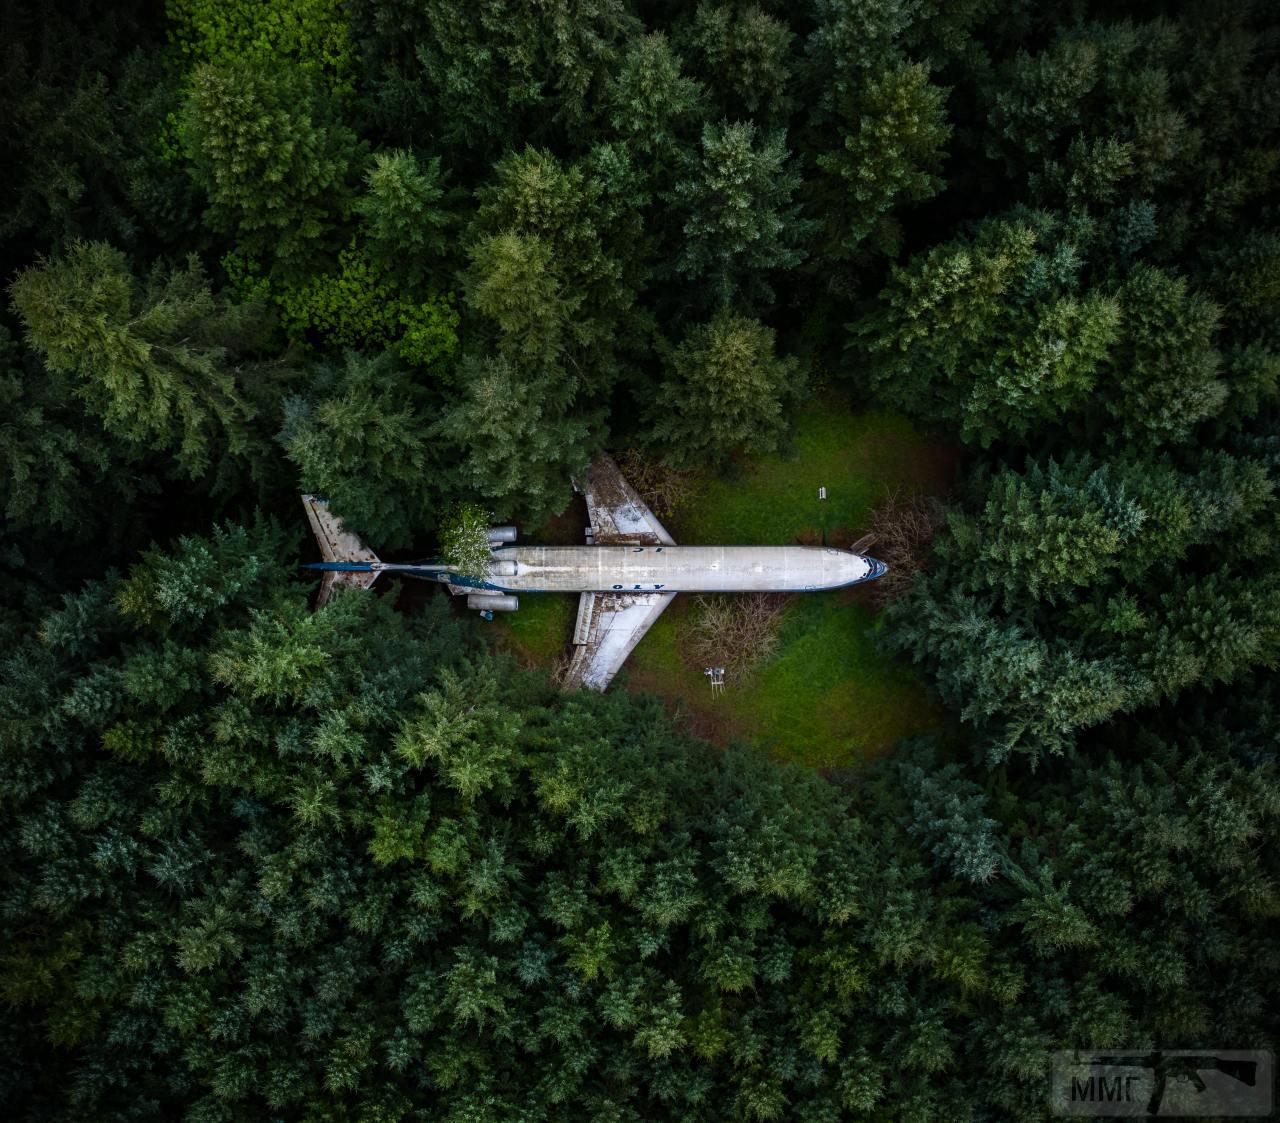 101877 - Фотографии гражданских летательных аппаратов